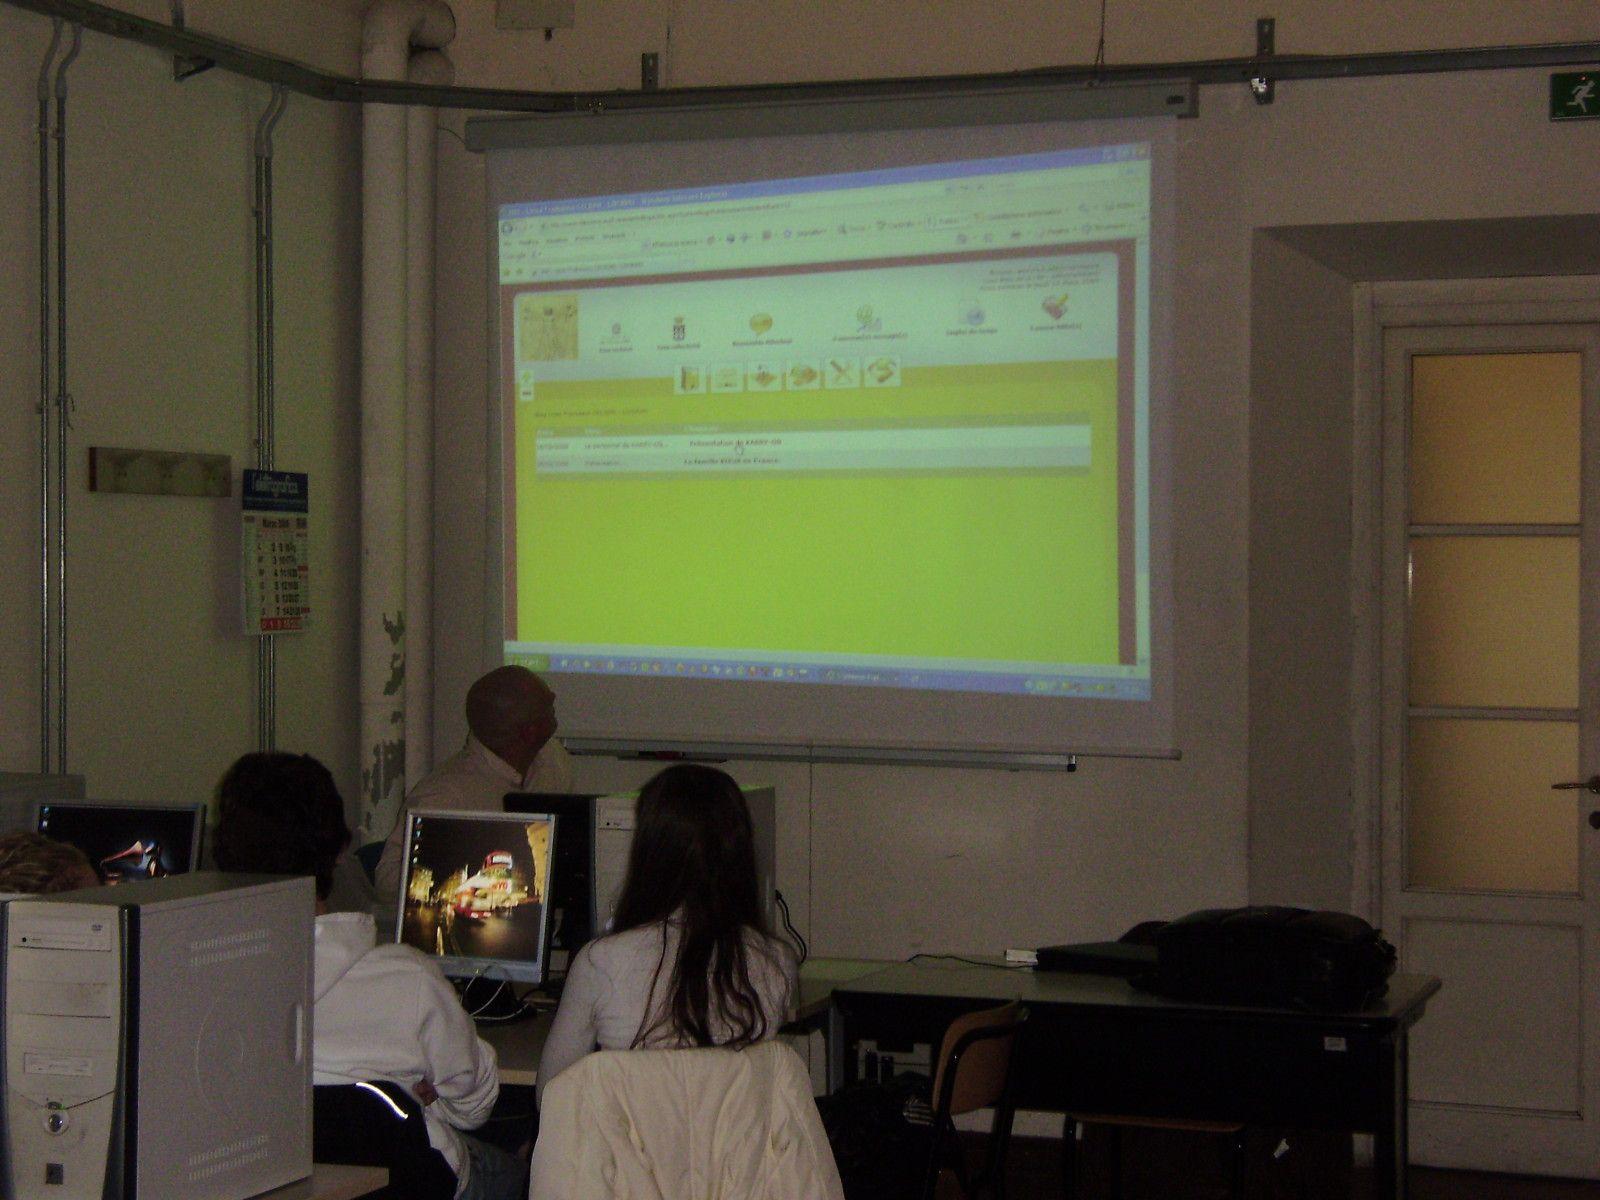 Fête européenne de la créativité à Livorno en présence de lycéens brestois de l'Iroise.